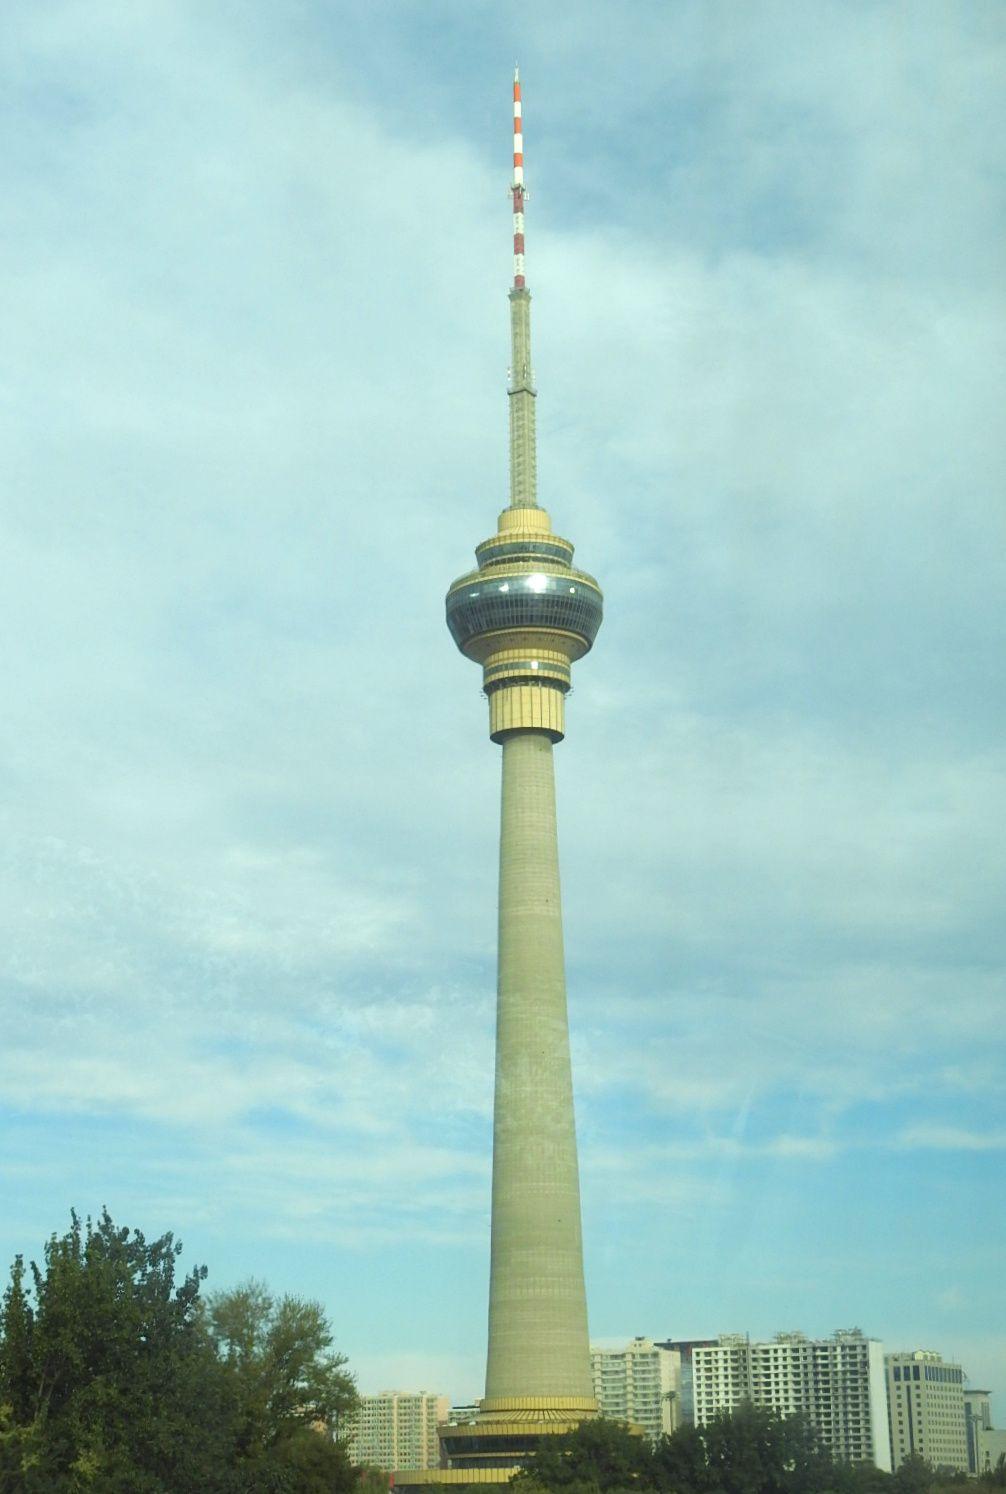 Radio & TV Tower of Beijing, China | Radio & TV Towers of